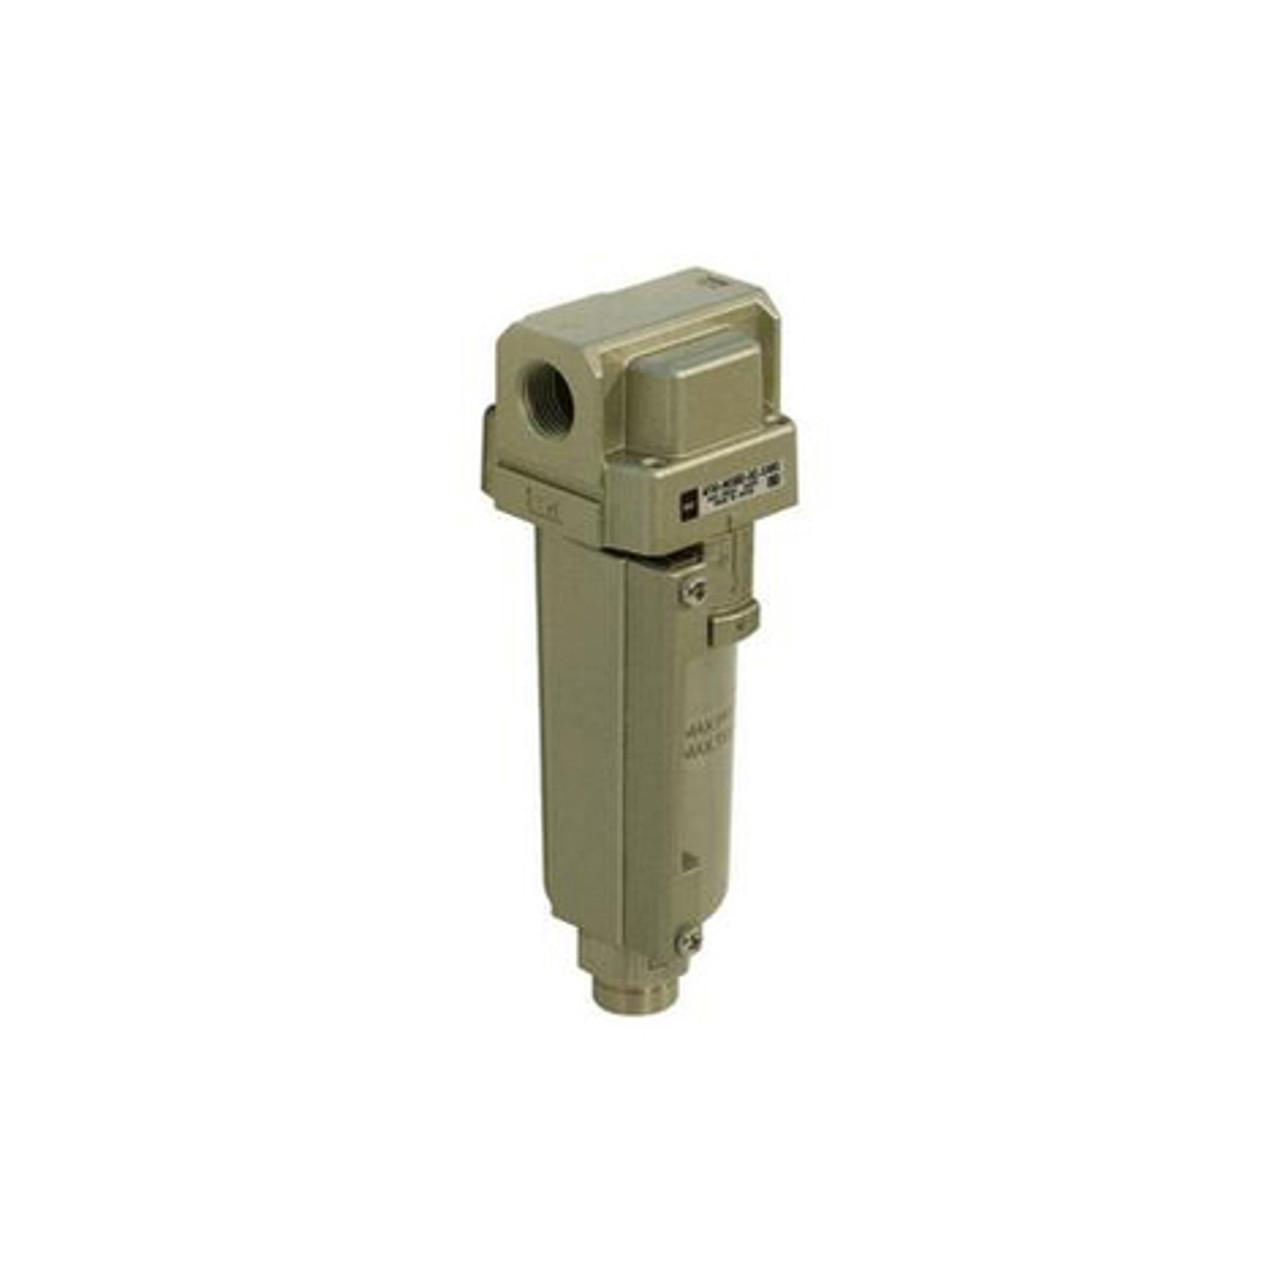 SMC AF20-N01-CZ-A filter